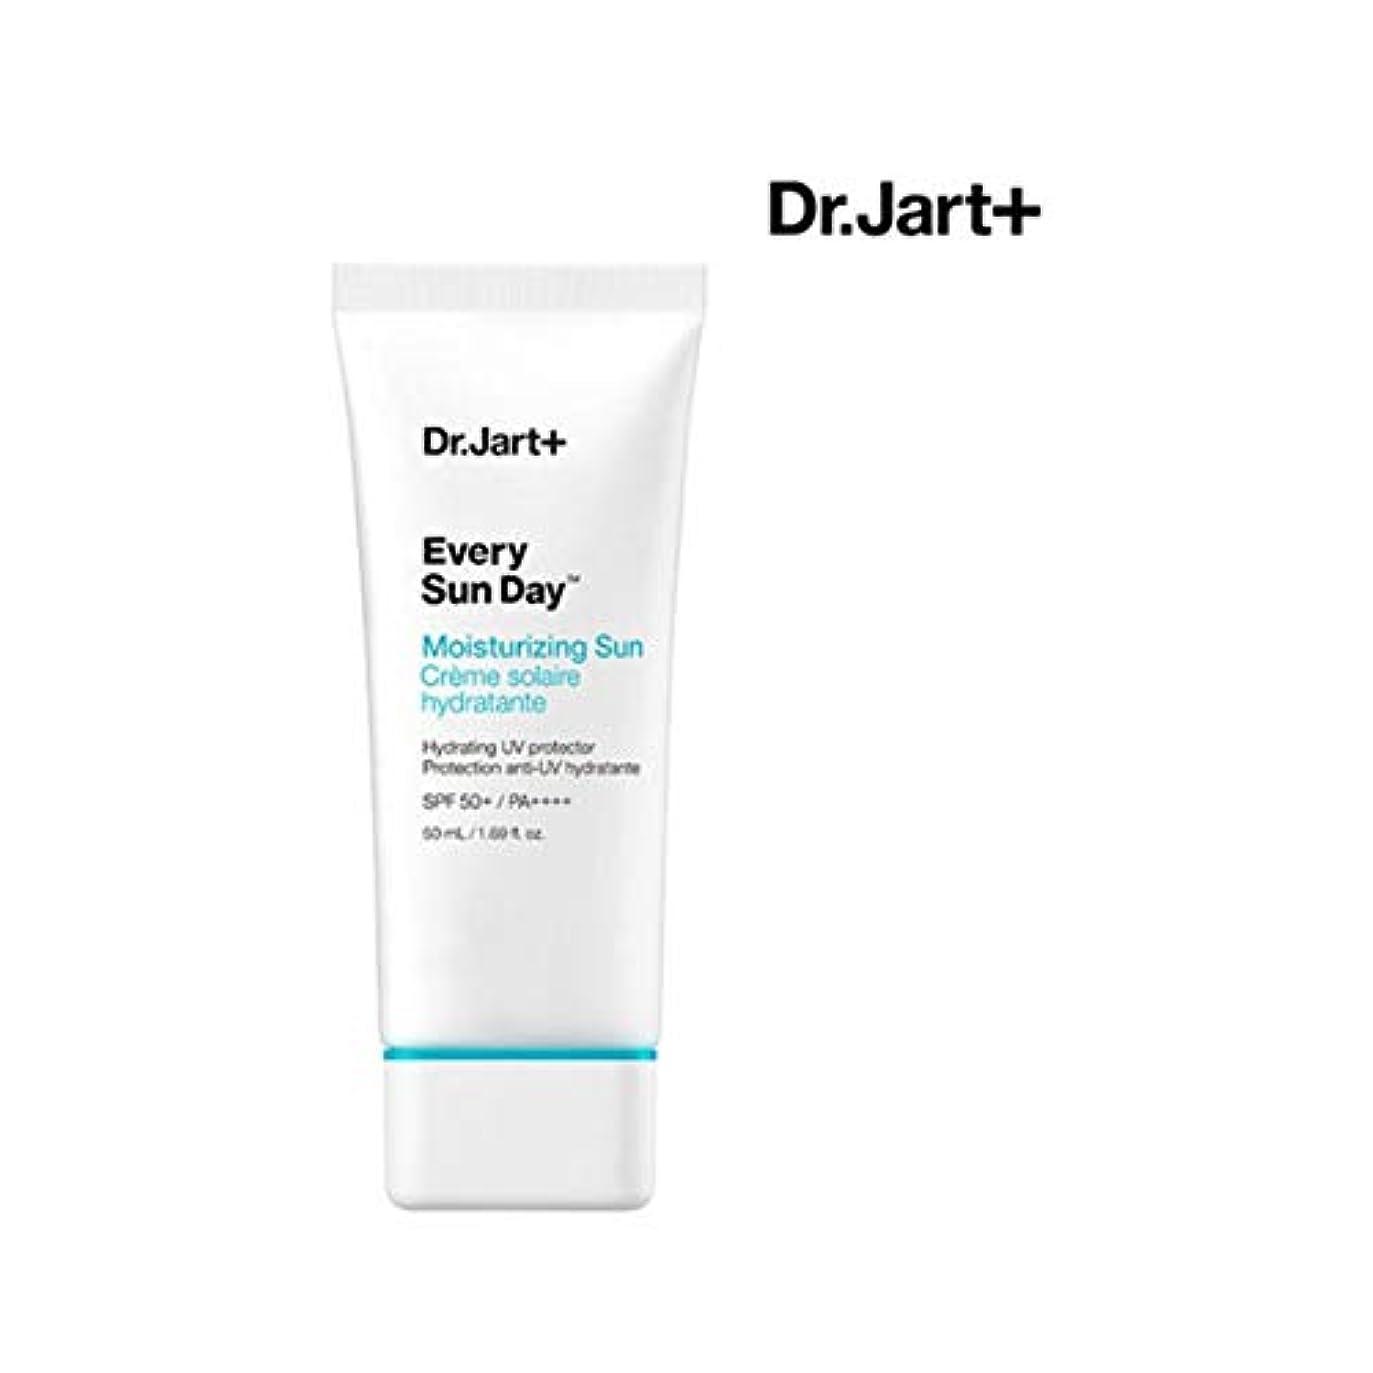 消費投獄開拓者ドクタージャルトゥエブリサンデーモイスチャーライジングサン50mlサンクリーム韓国コスメ、Dr.Jart Every Sun Day Moisturizing Sun 50ml Sun Cream Korean Cosmetics...